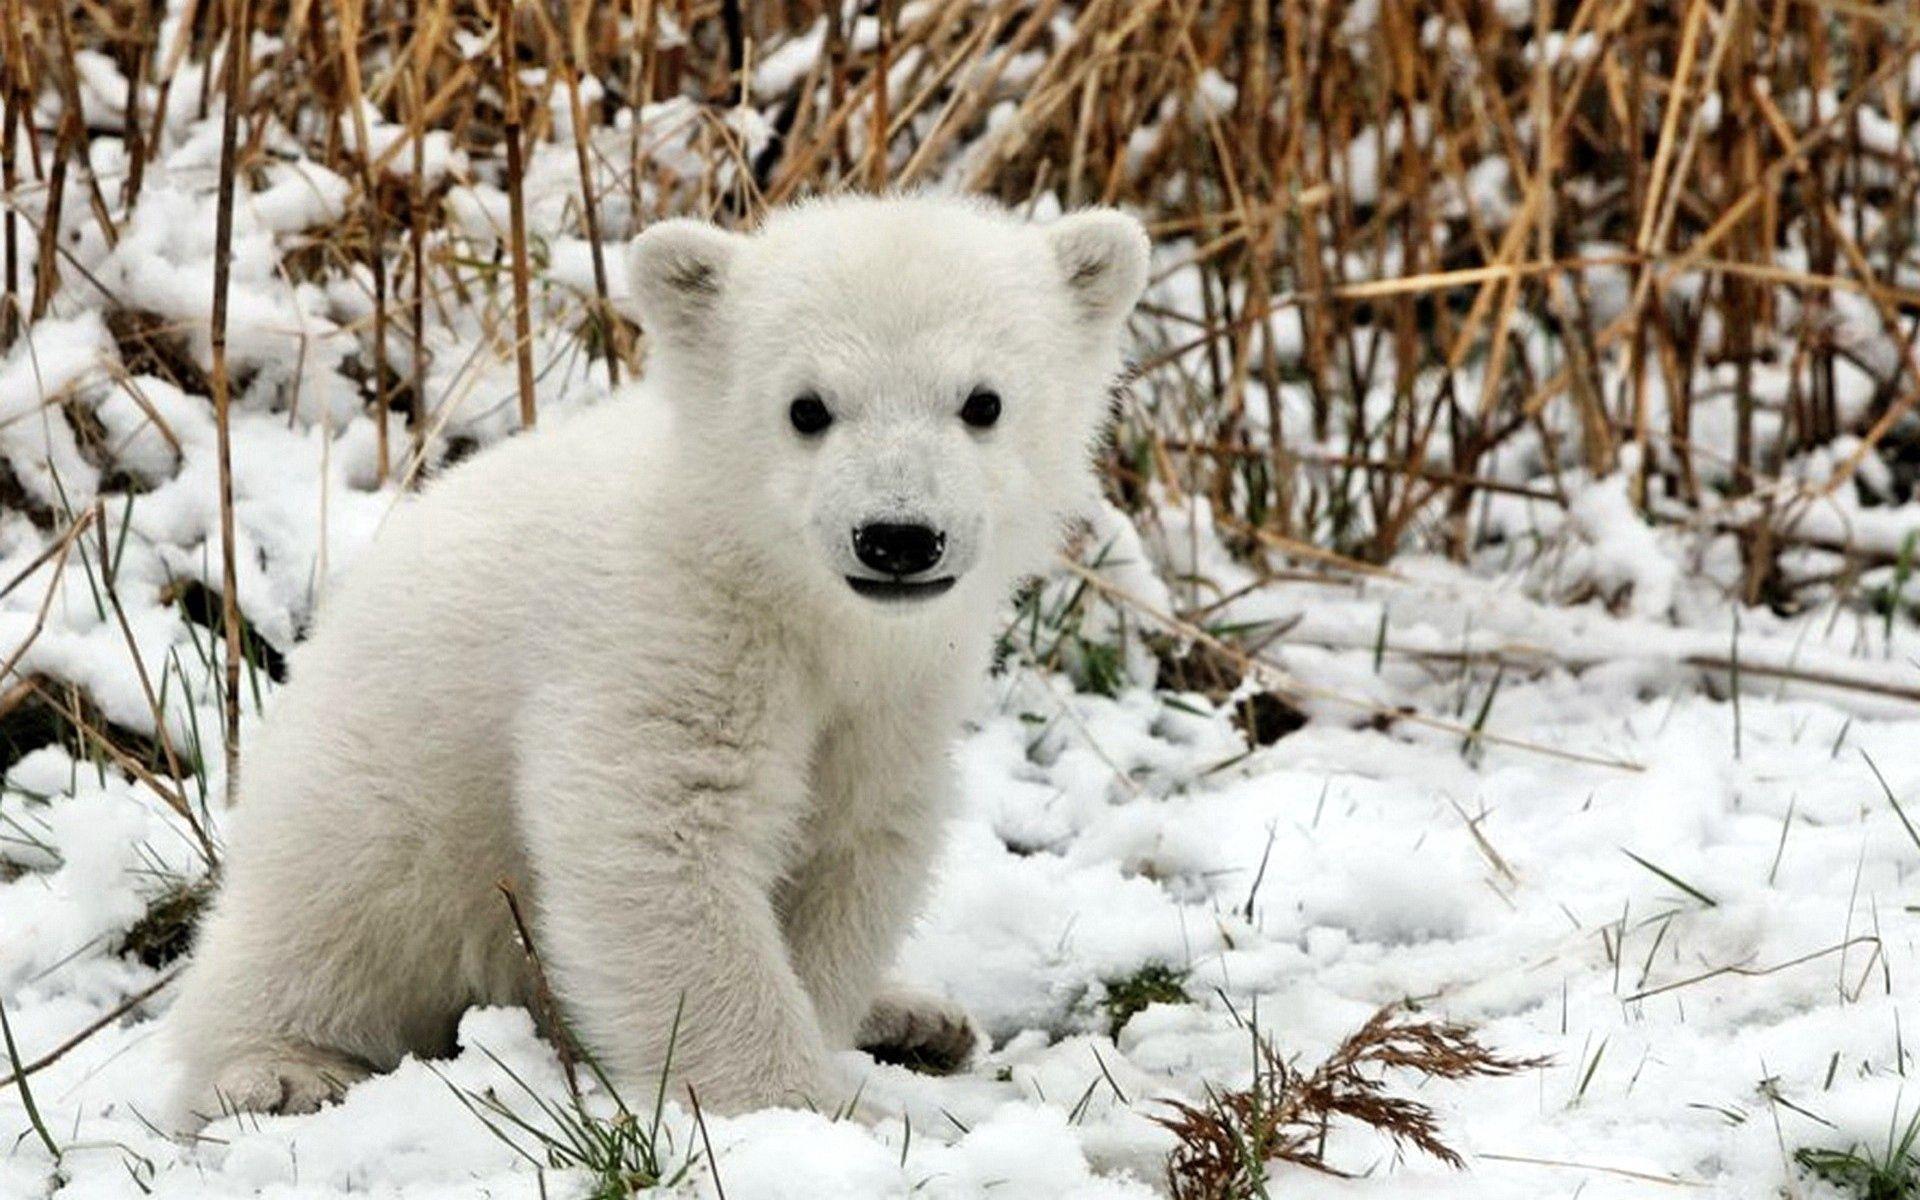 52363 Hintergrundbild herunterladen Eisbär, Tiere, Grass, Schnee, Junge, Bär, Angst, Joey - Bildschirmschoner und Bilder kostenlos